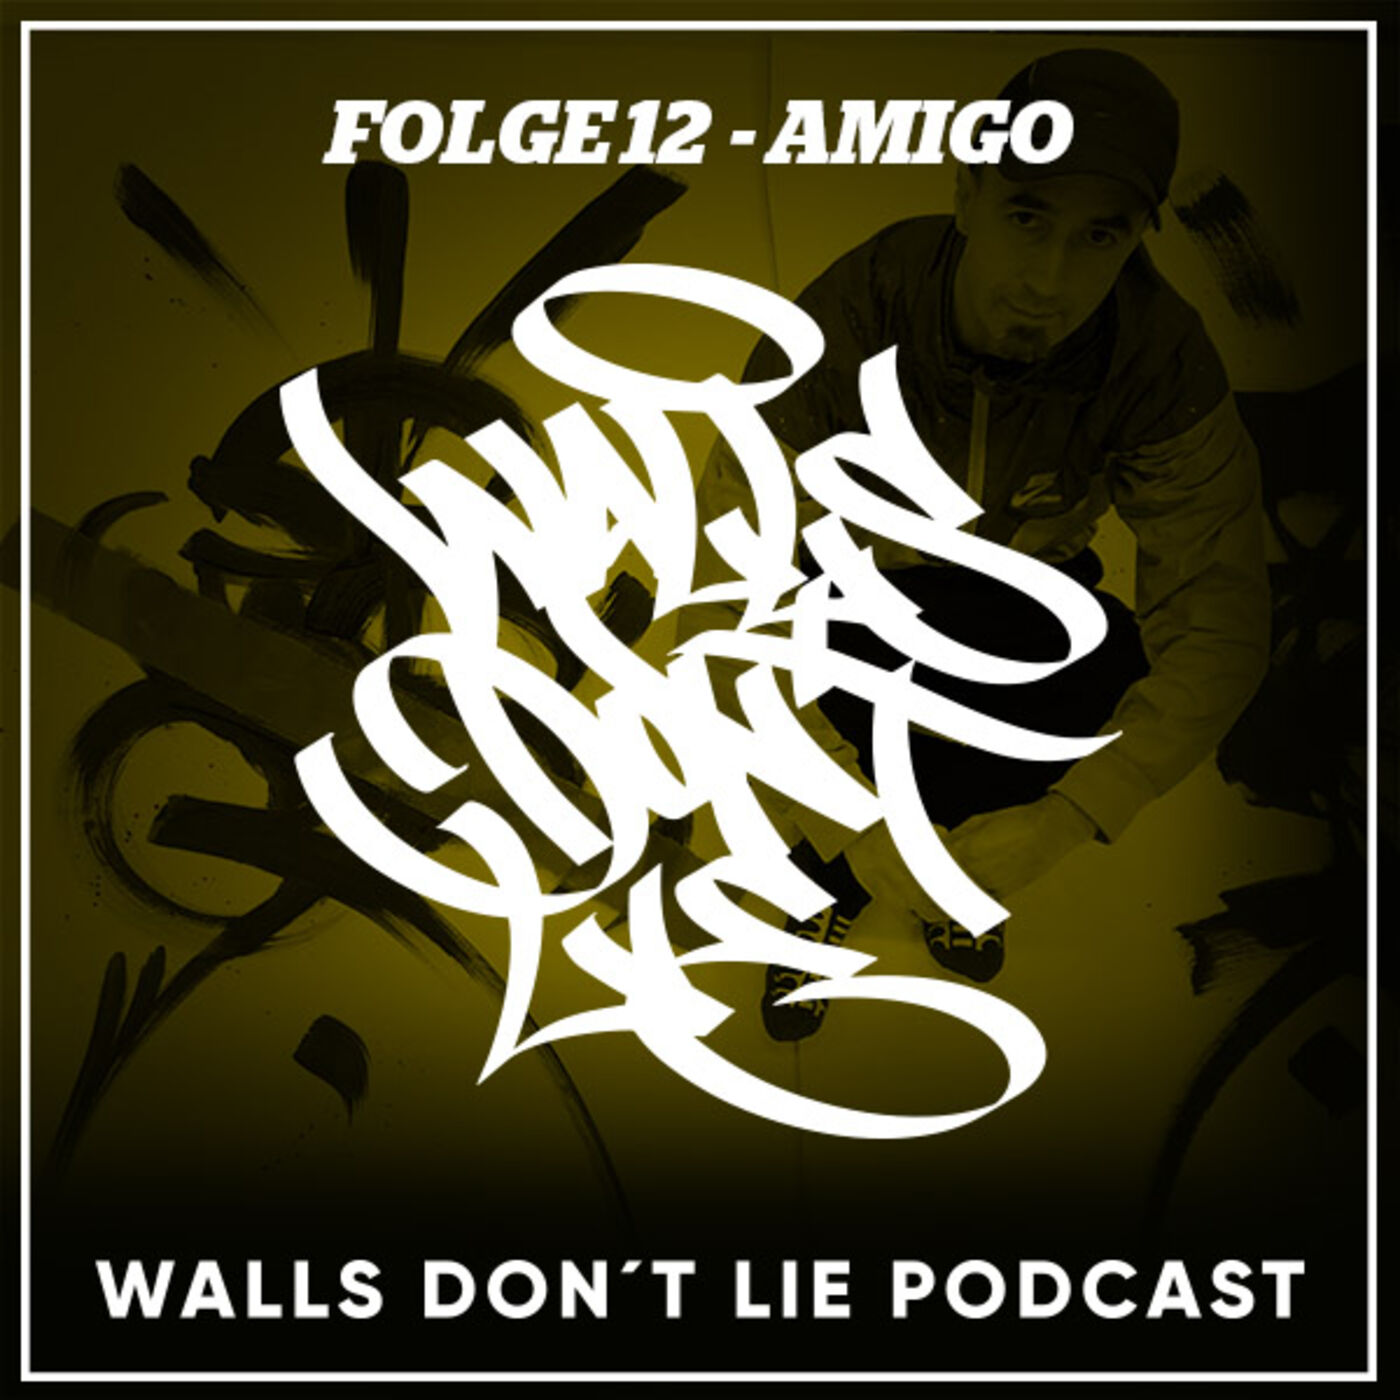 Folge 12 - Amigo